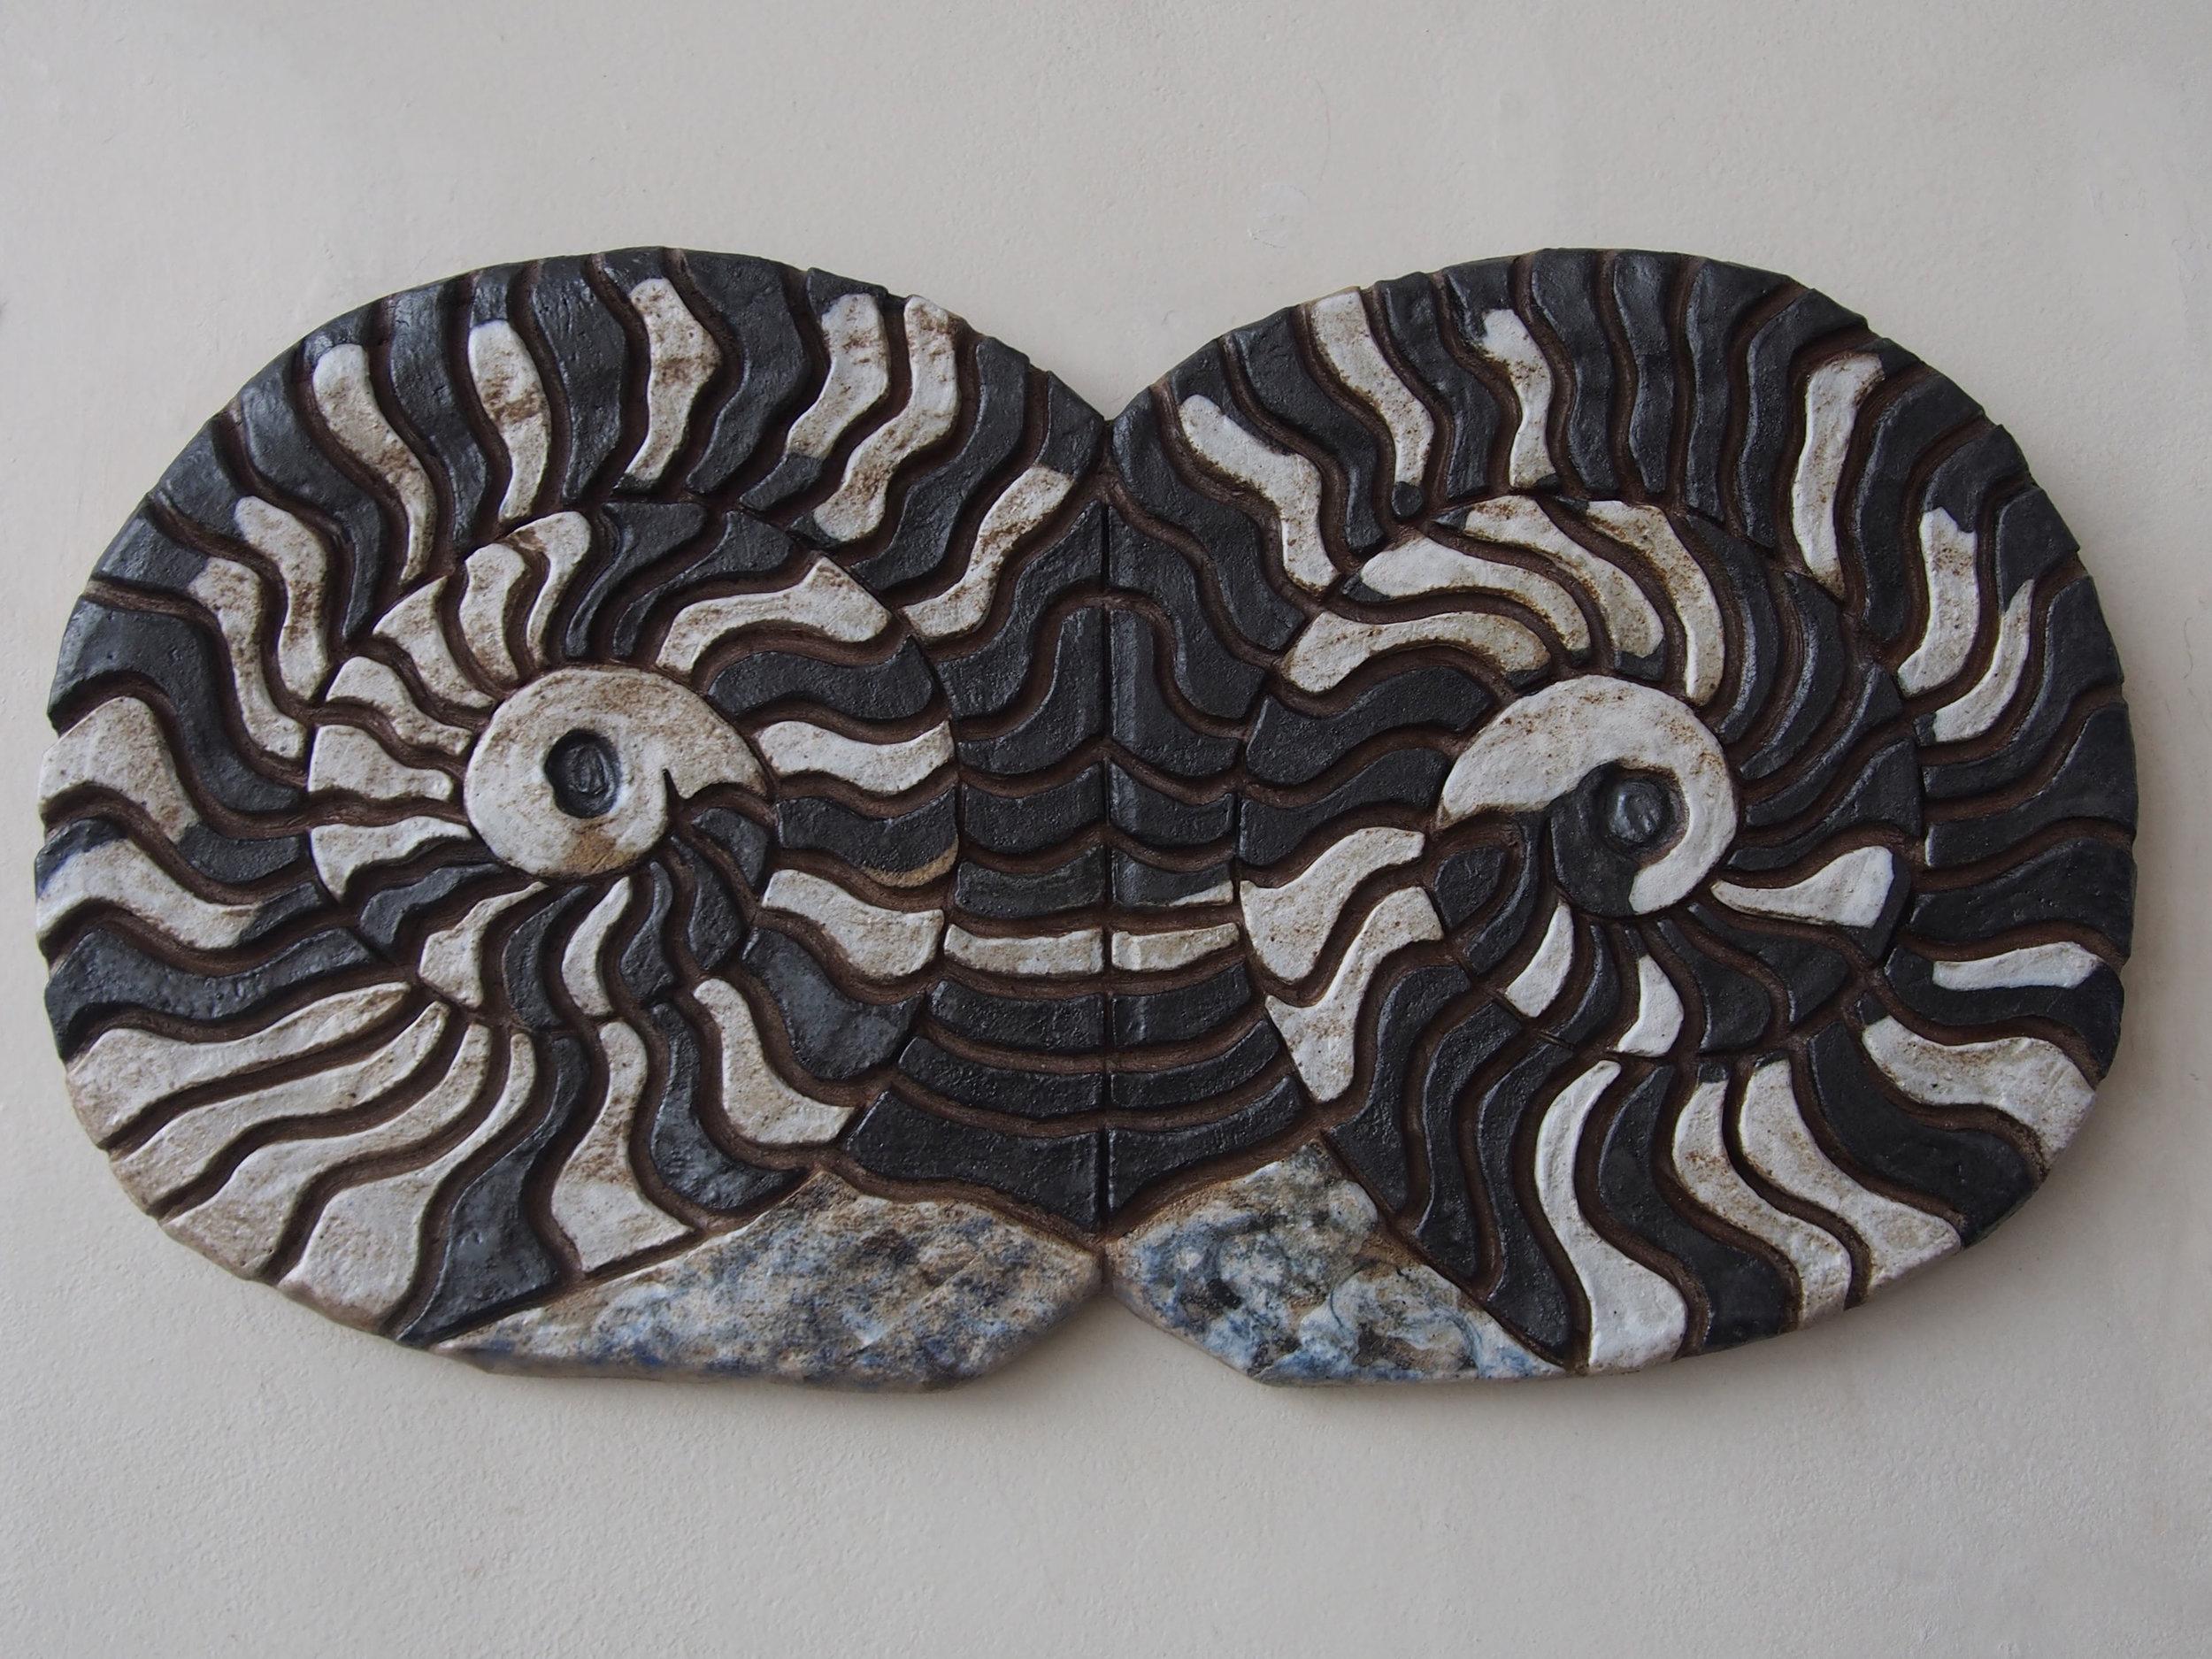 Chambered Ammonite